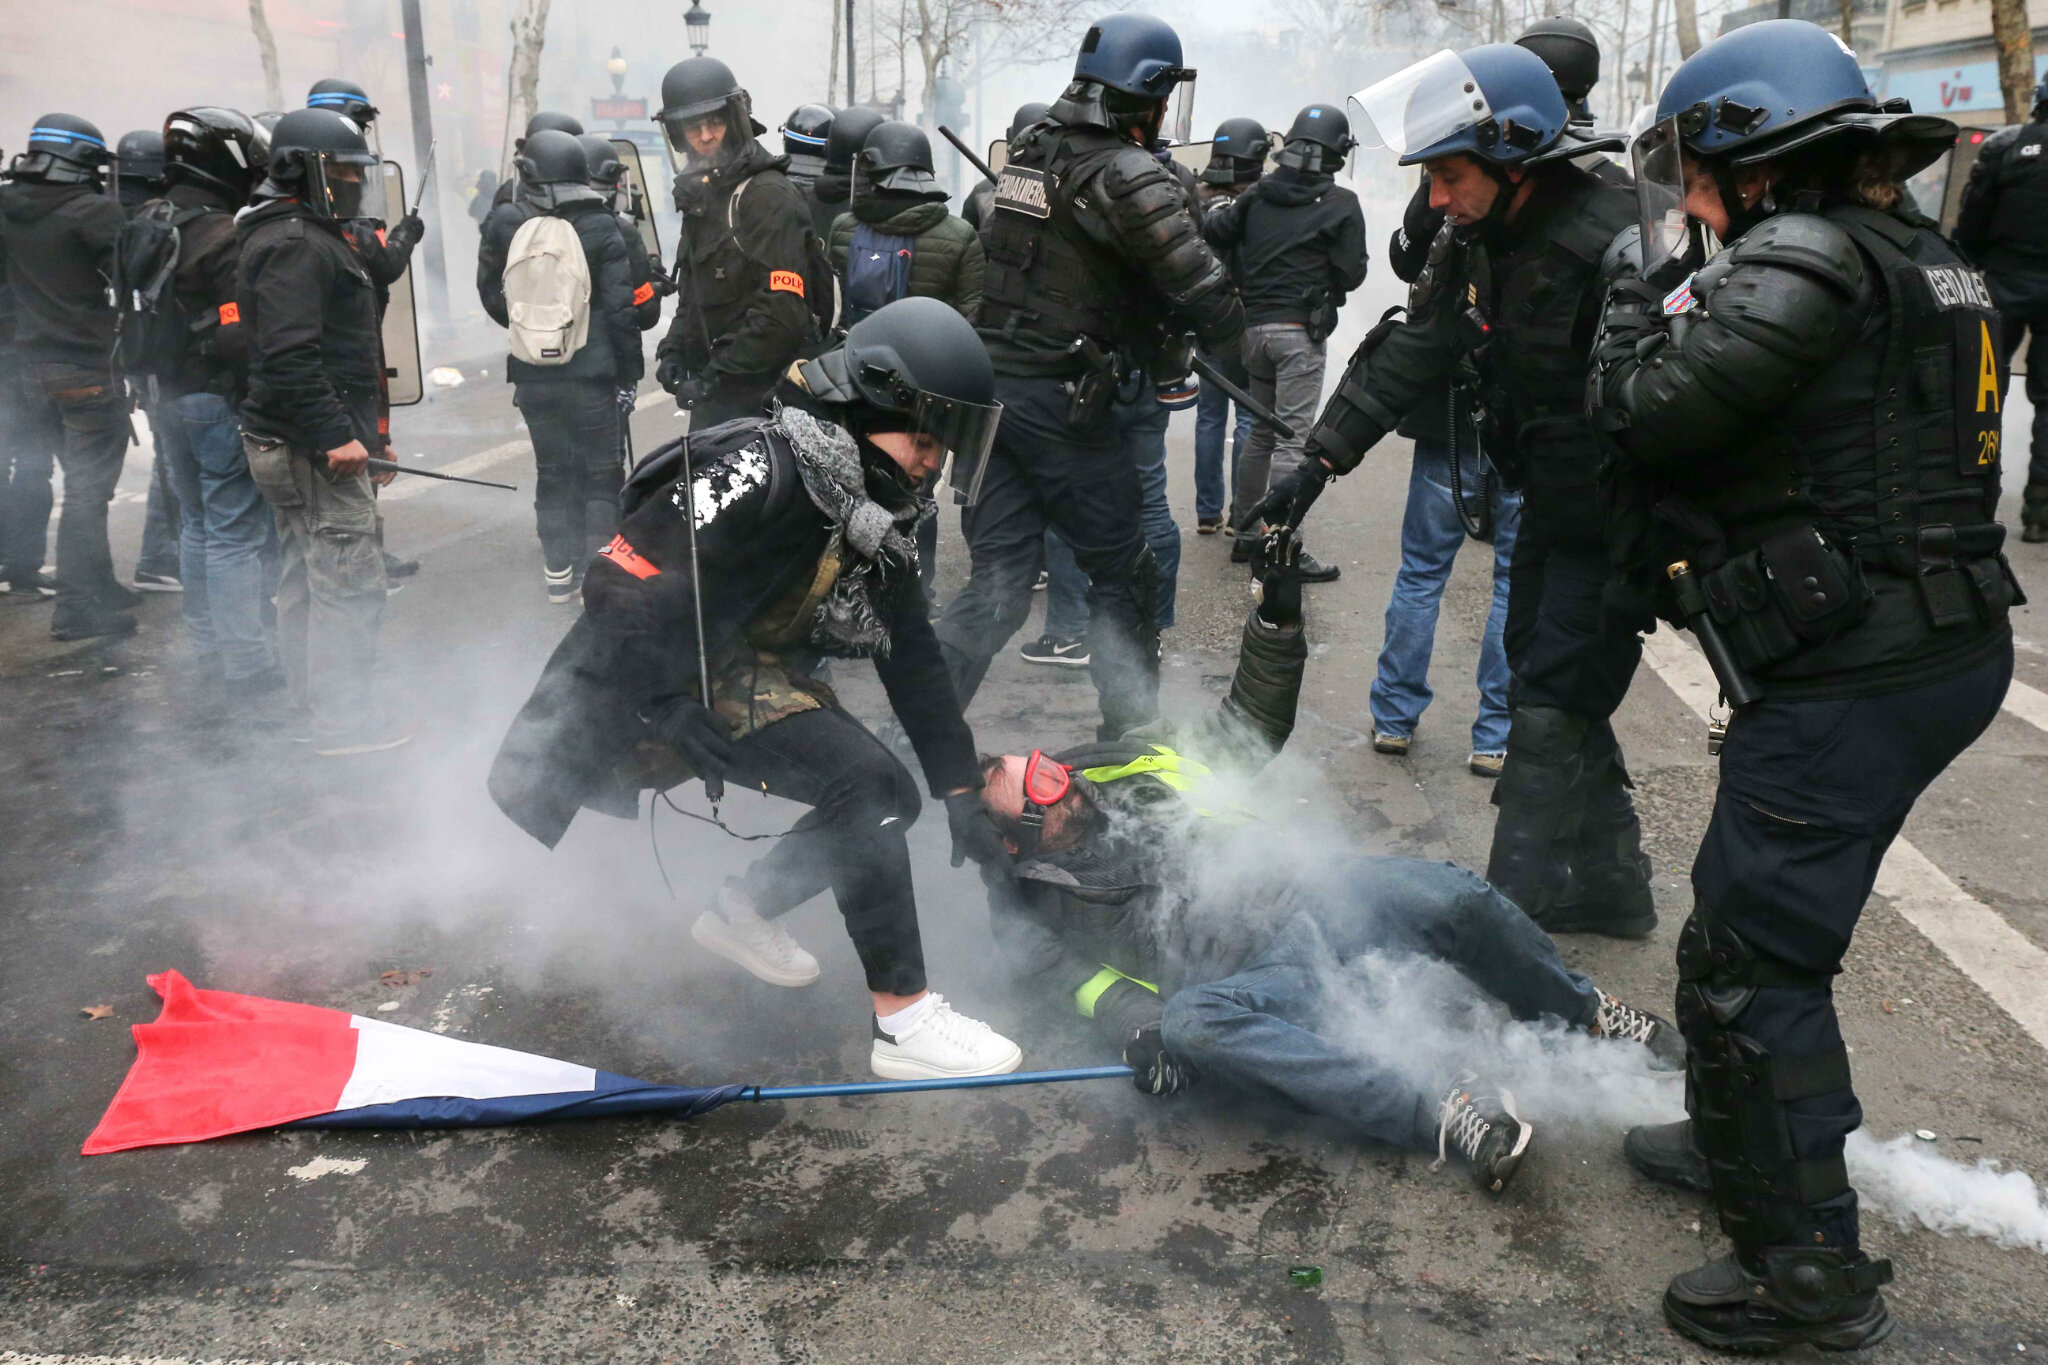 Gilets jaunes Acte XII : des heurts à Paris. © Michel Stoupak. Sam 02.02.2019, 15h42m50.